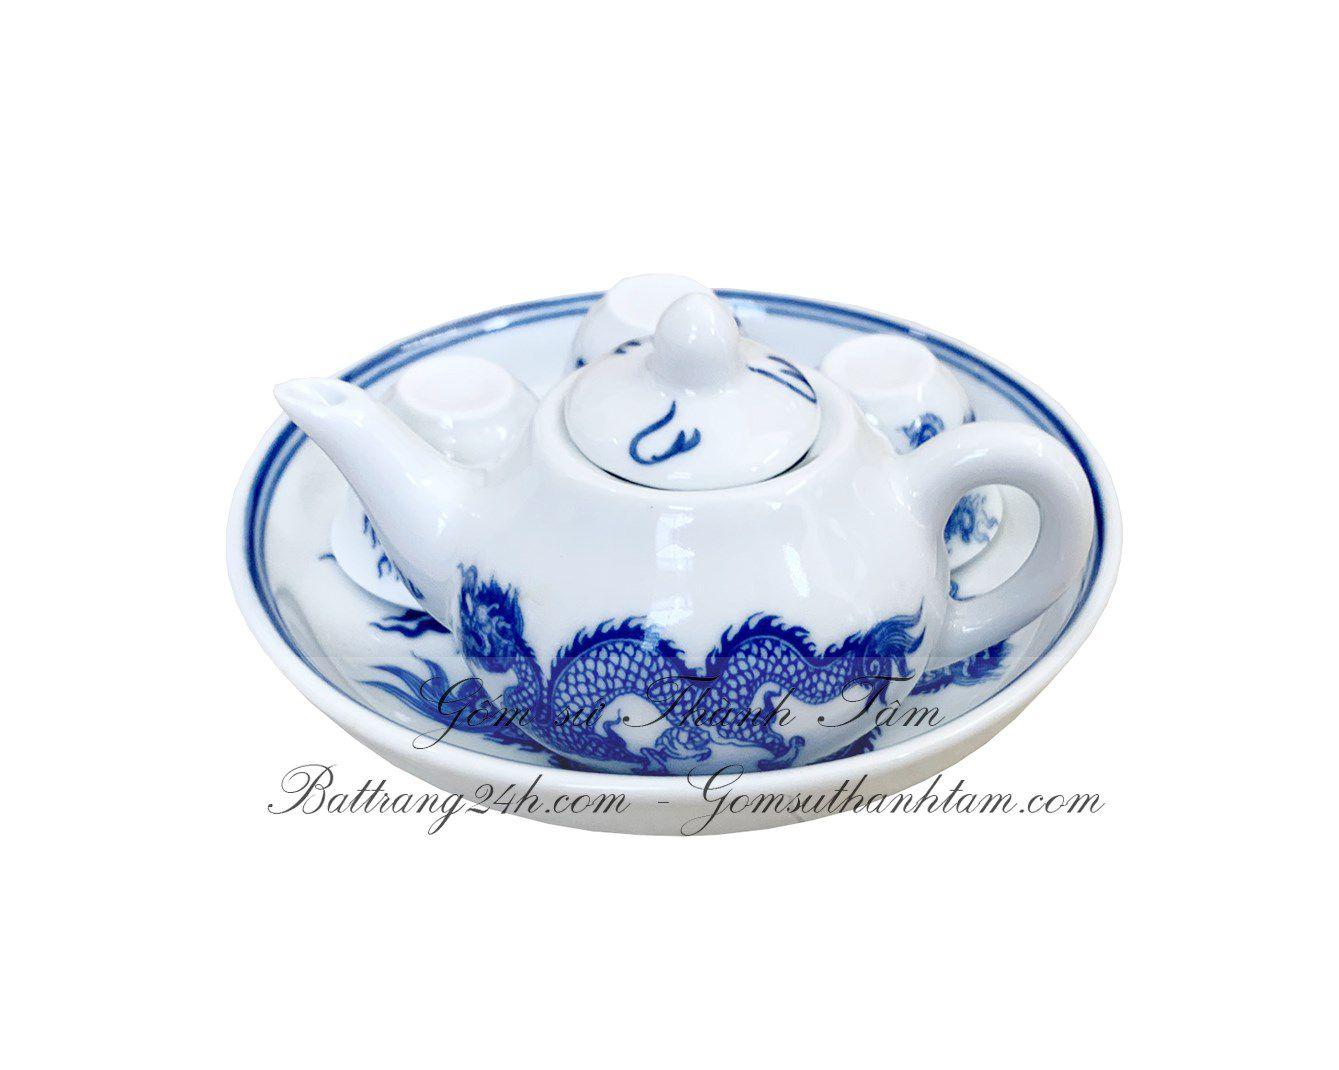 Bán ấm chén trà cúng bằng gốm sứ Bát Tràng, bộ ấm chén mini bằng gốm sứ phong thủy tâm linh cao cấp